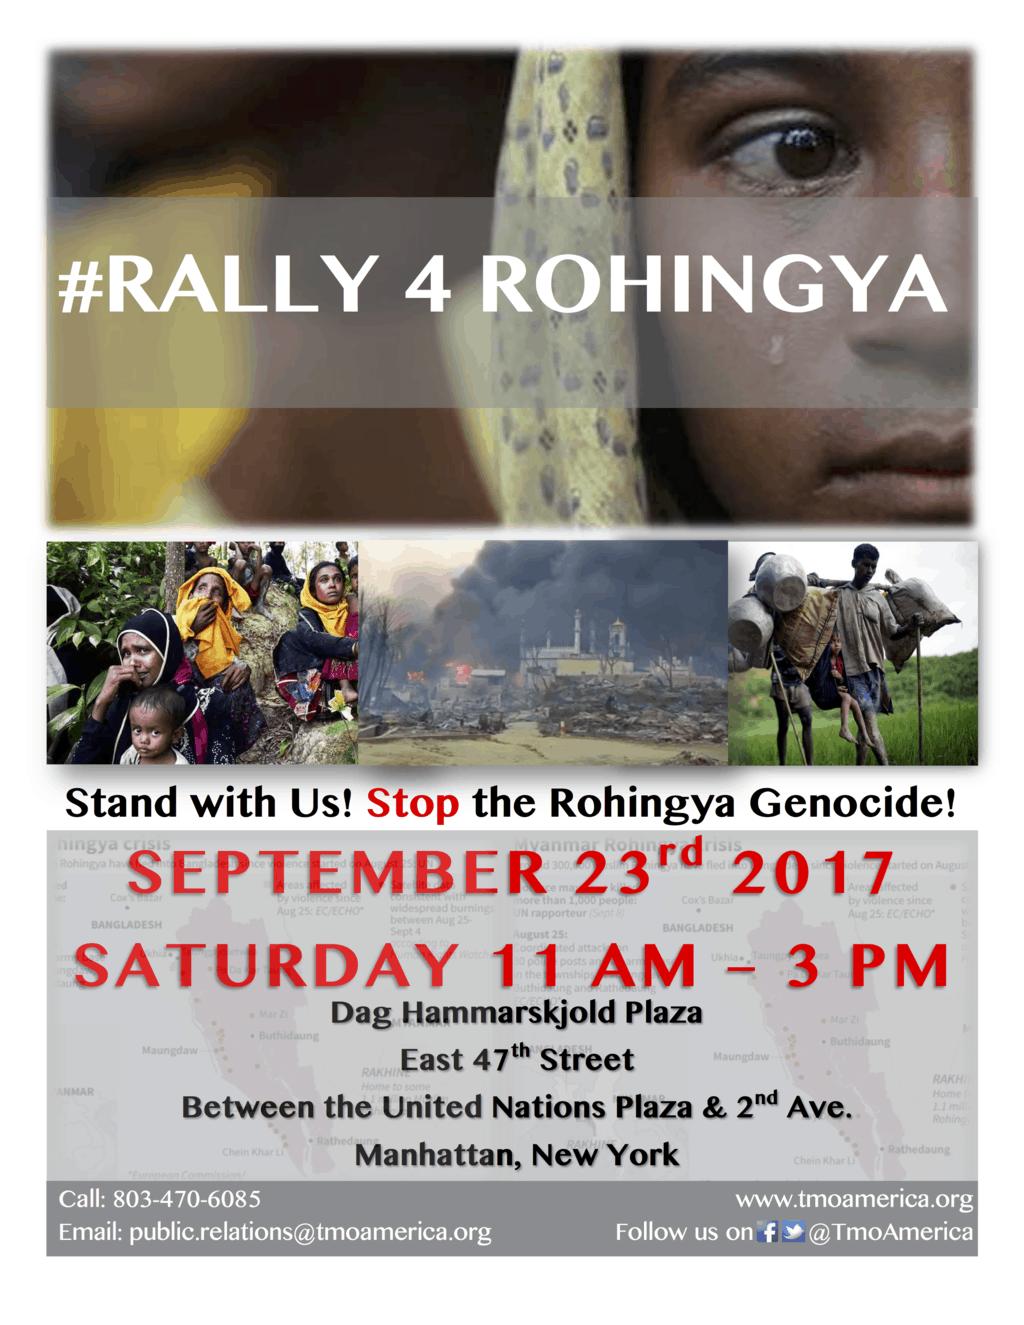 #rally4rohingya